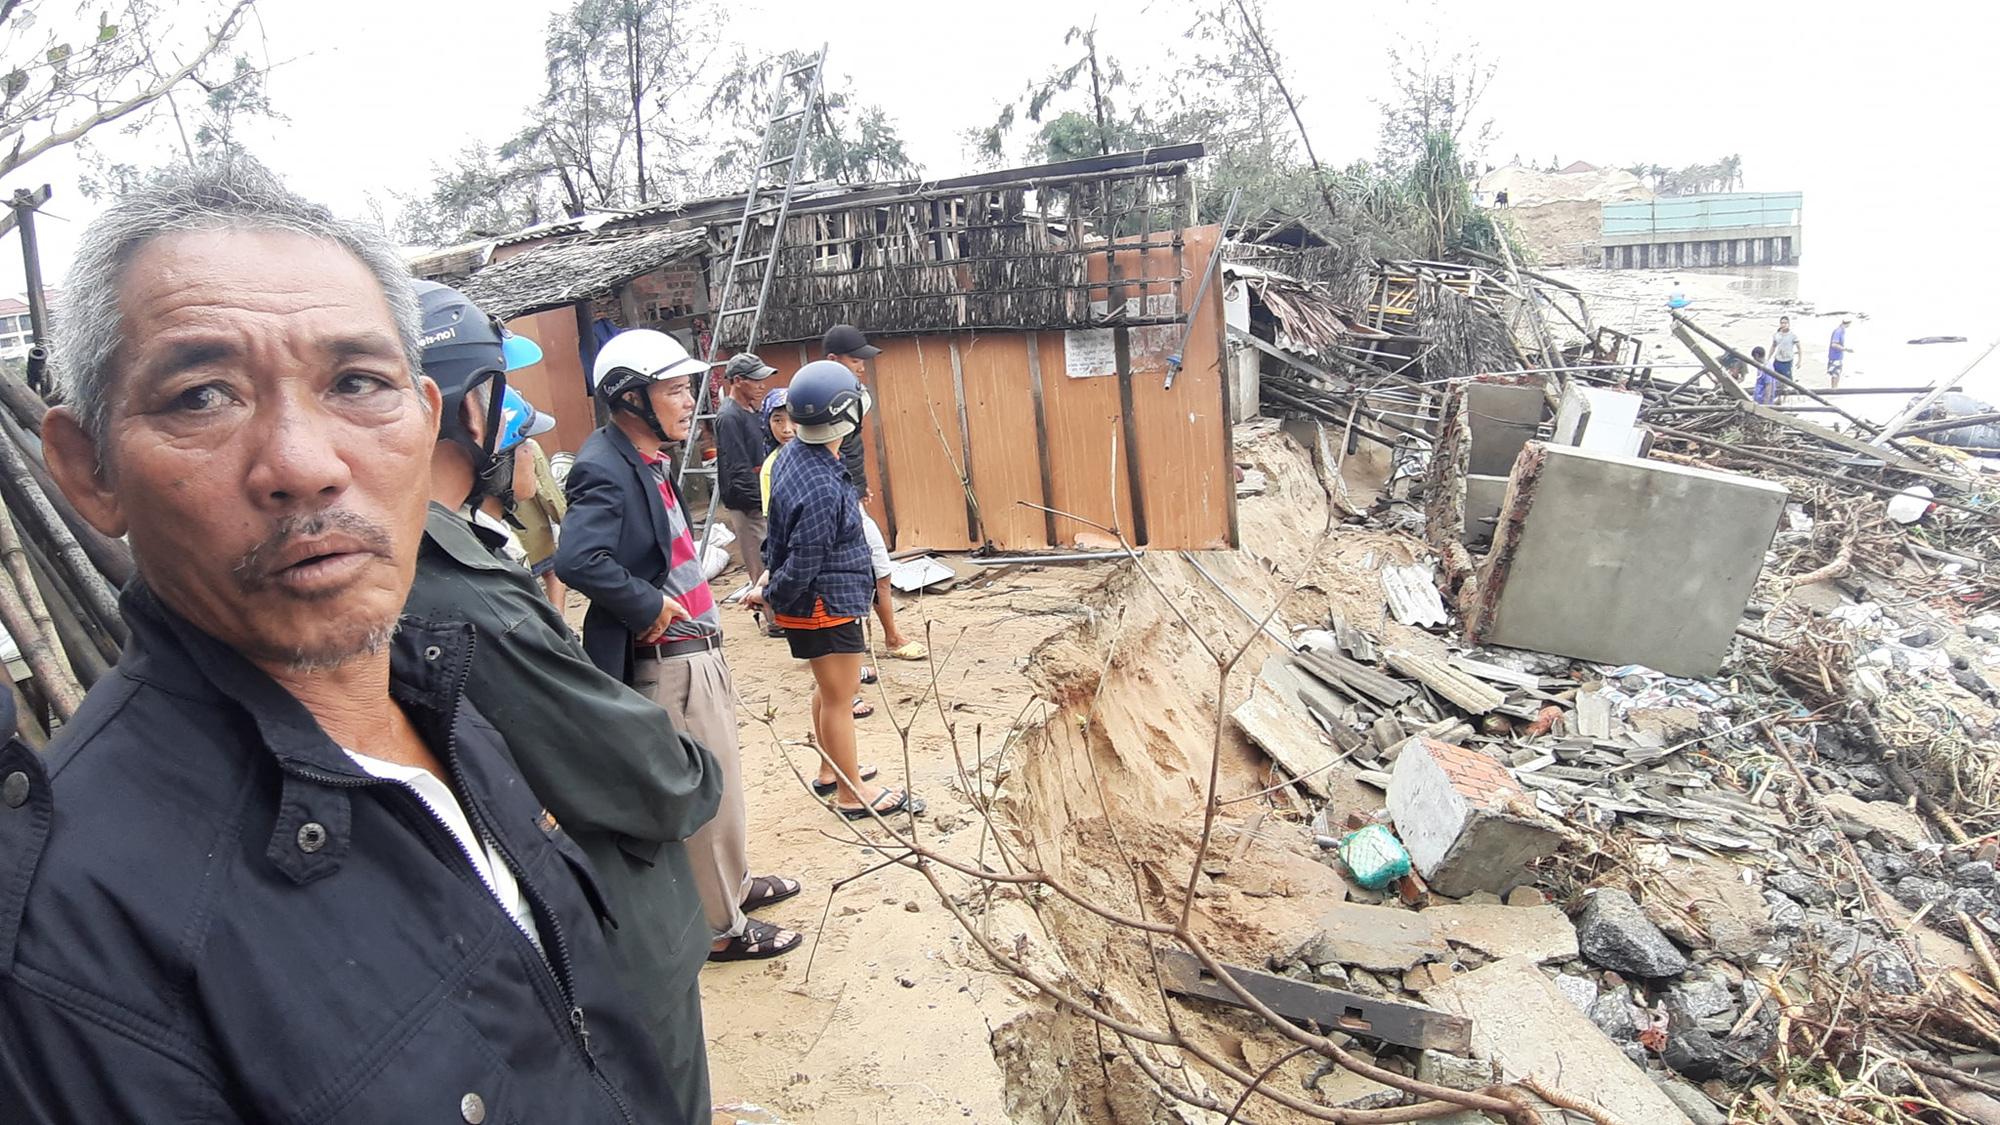 Ảnh hưởng bão số 13: Hàng chục nhà hàng ven biển An Bàng, Hội An bị đánh sập  - Ảnh 3.